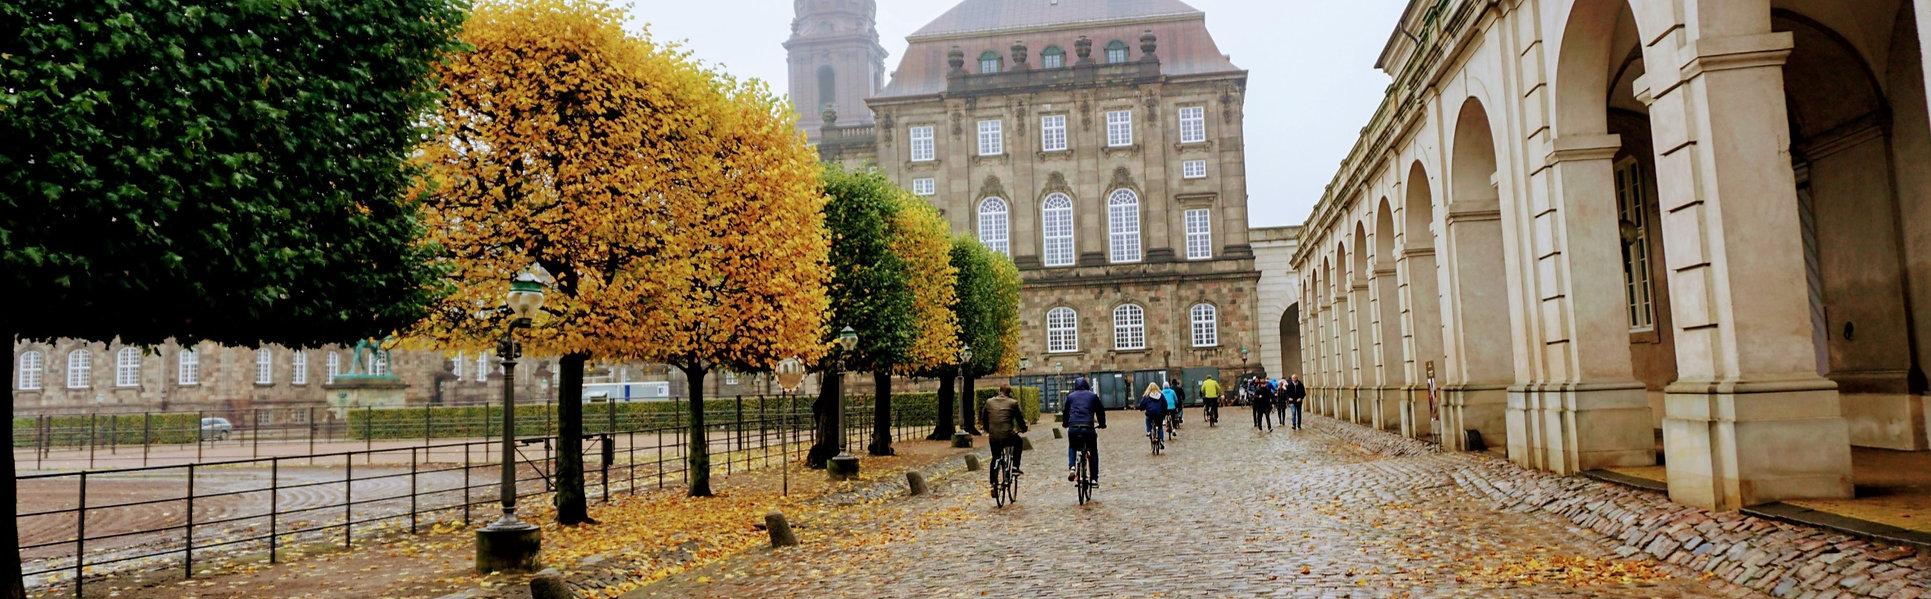 Antigo-konsulter cyklar tillsammans förbi höstgula träd.